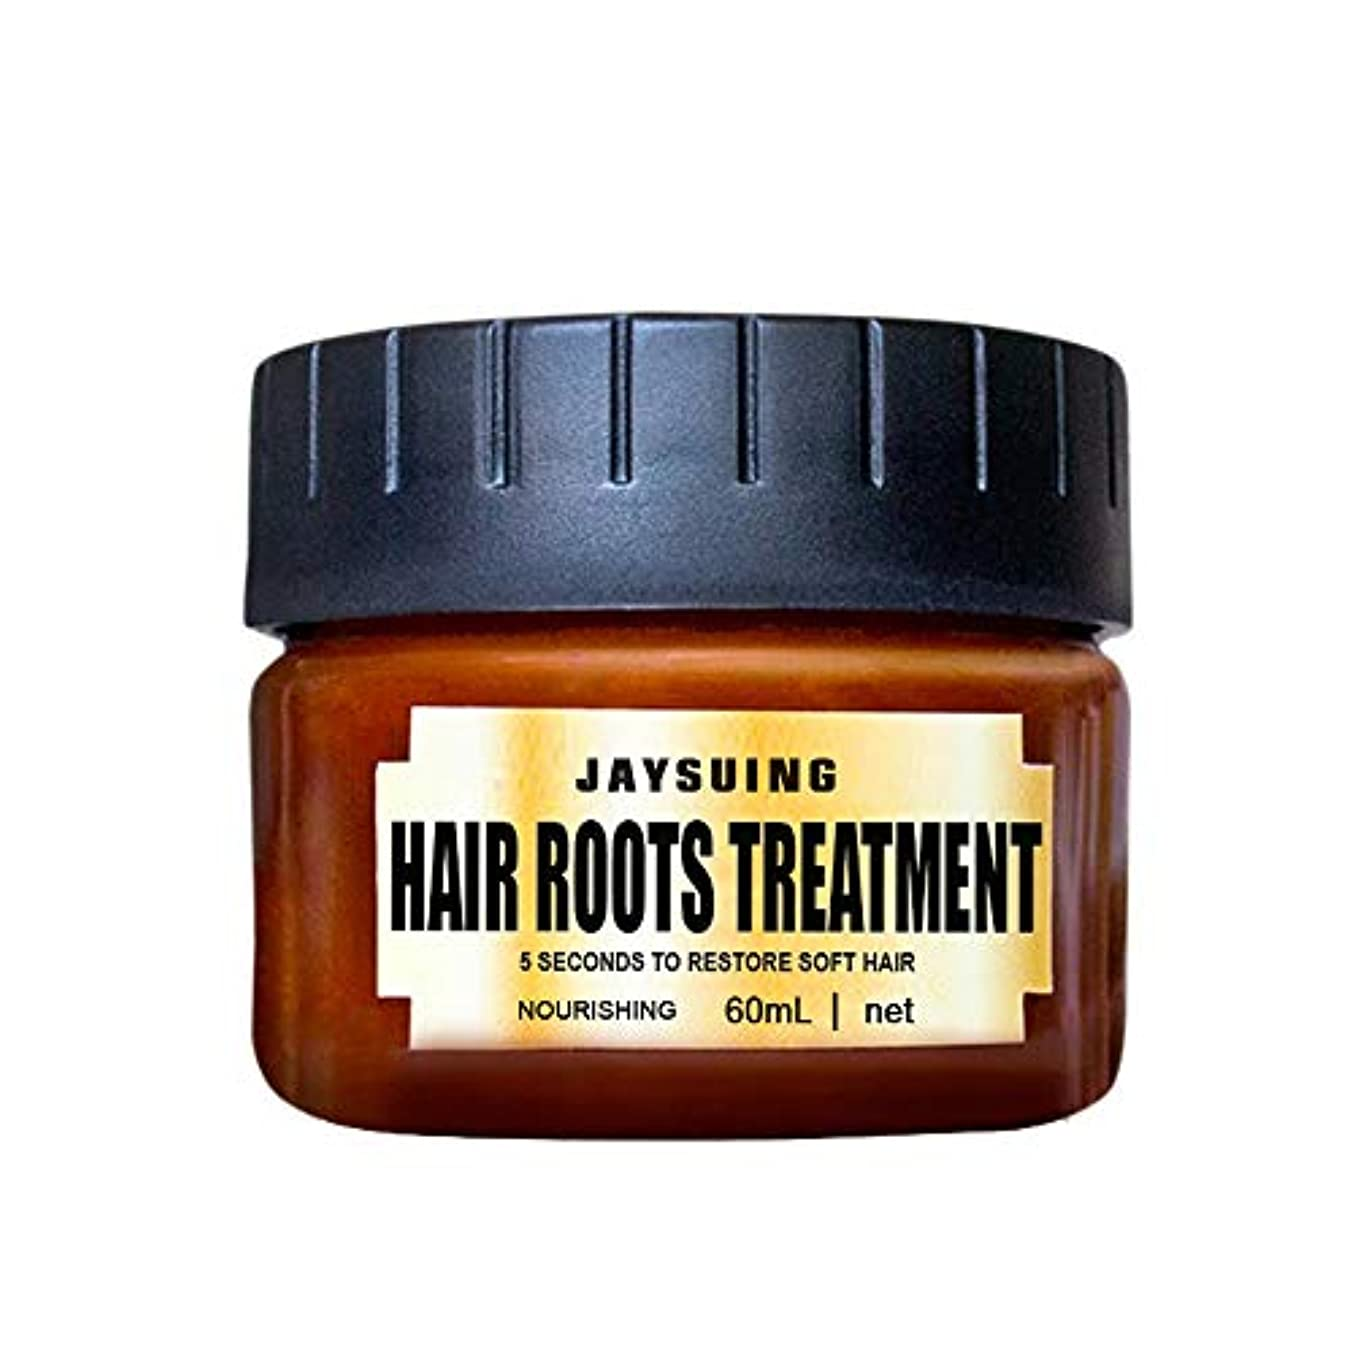 規模ナビゲーション紫のDOUJI天然植物成分 ヘアケア リッチリペア コンディショナー60mlダメージのある髪へ 髪の排毒ヘアマスク高度な分子毛根治療回復 髪の栄養素を補給トリートメント